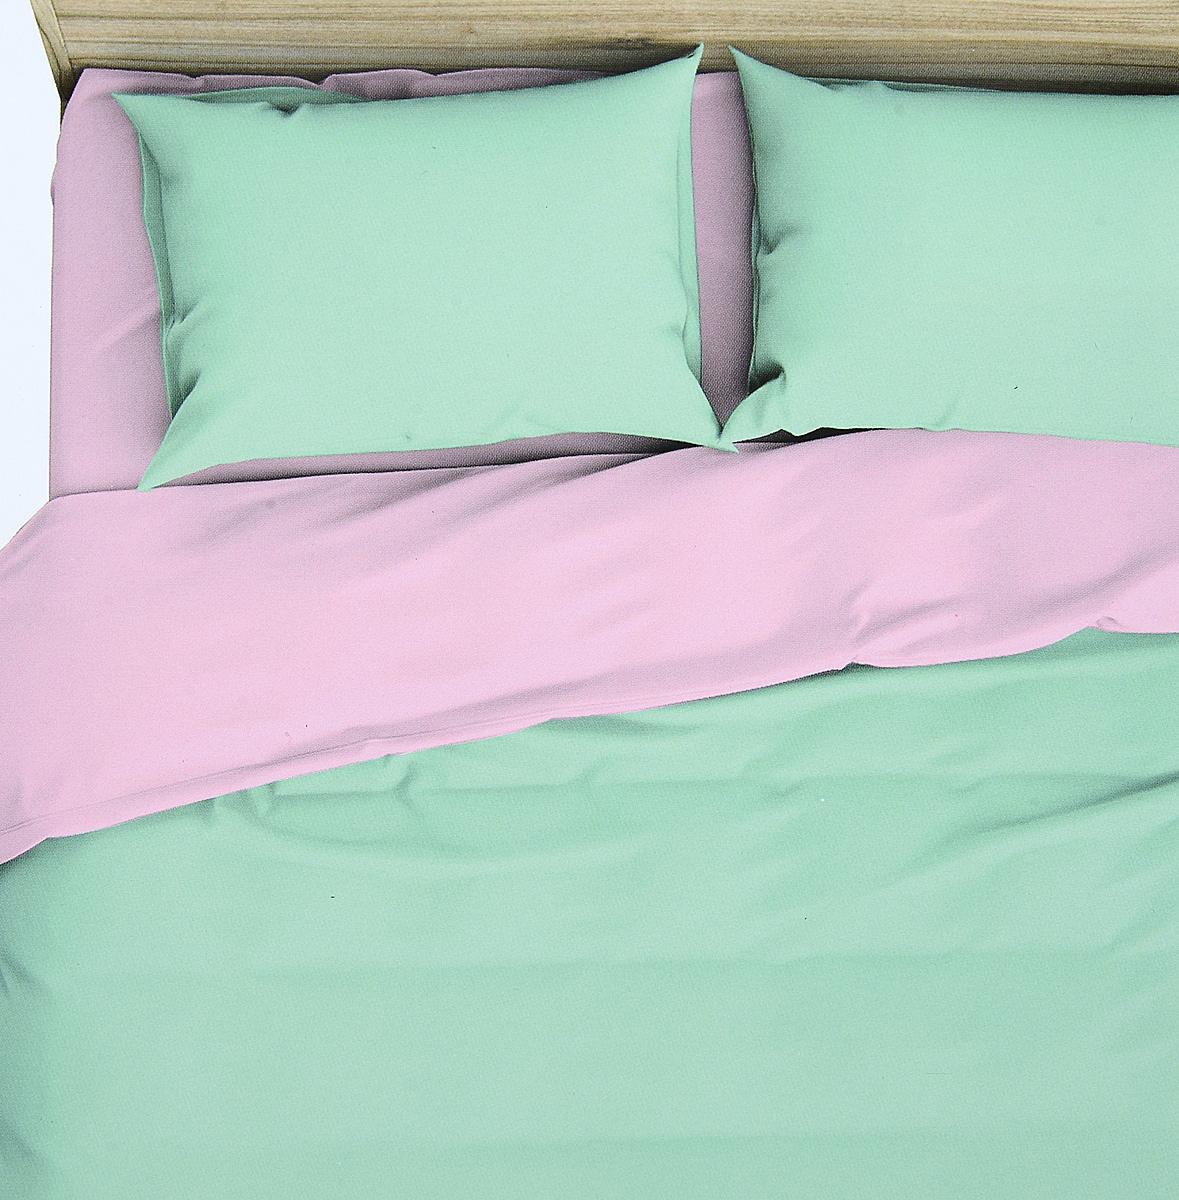 Комплект белья Василиса Мятная дымка, 2-спальный, наволочки 70x70, цвет: зеленый, розовый. 363 philip plein интернет магазин